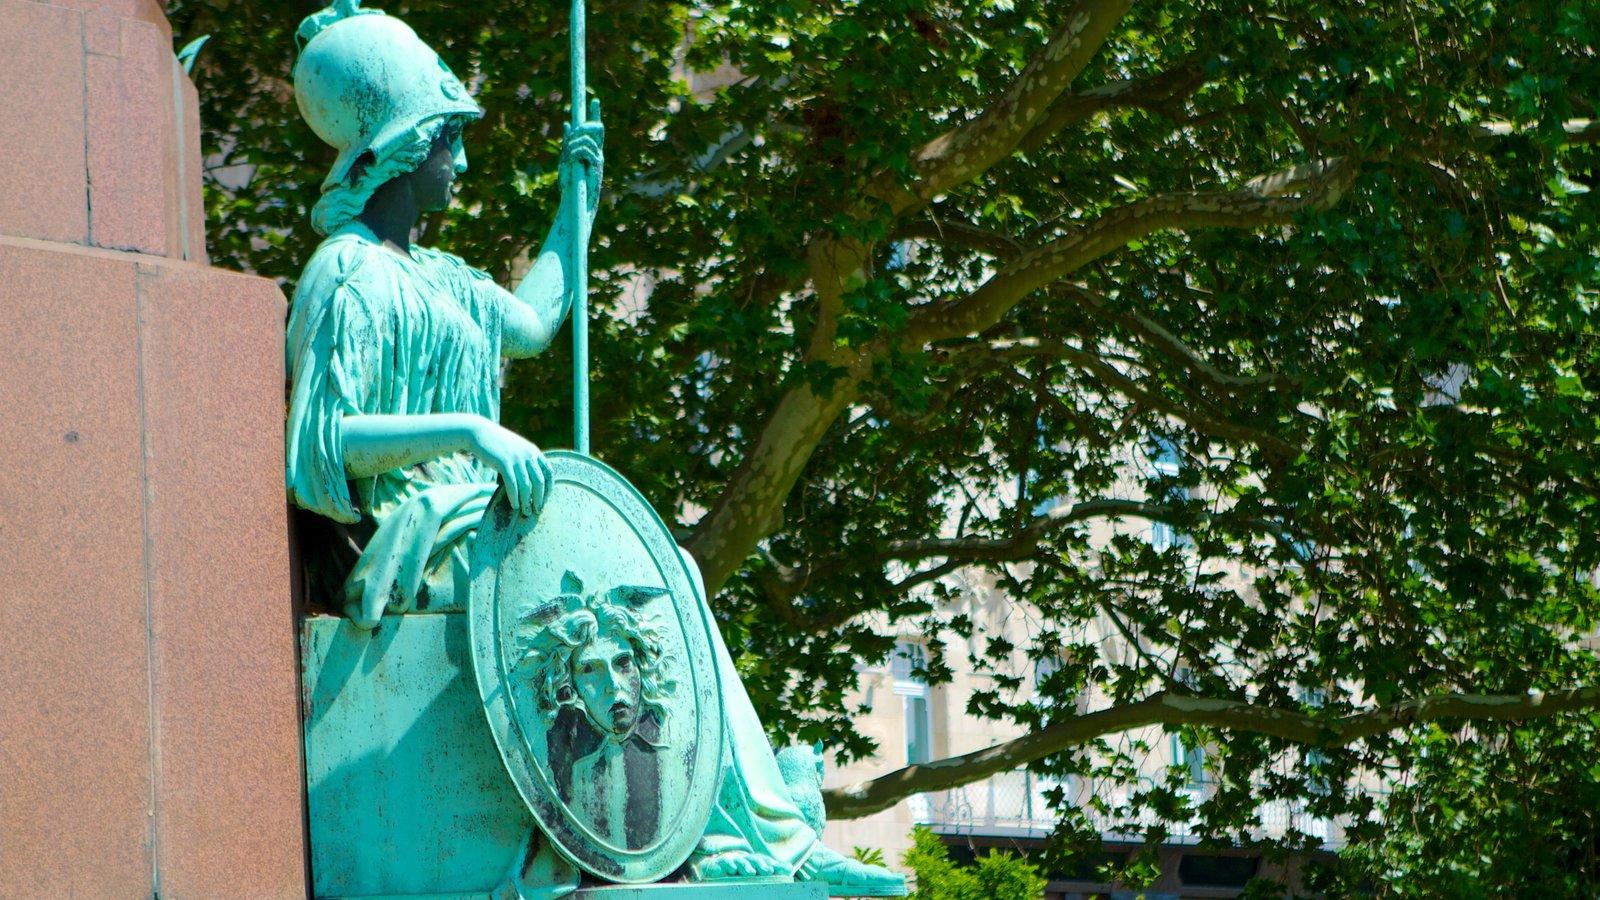 Széchenyi István tér que inclui uma estátua ou escultura e um jardim